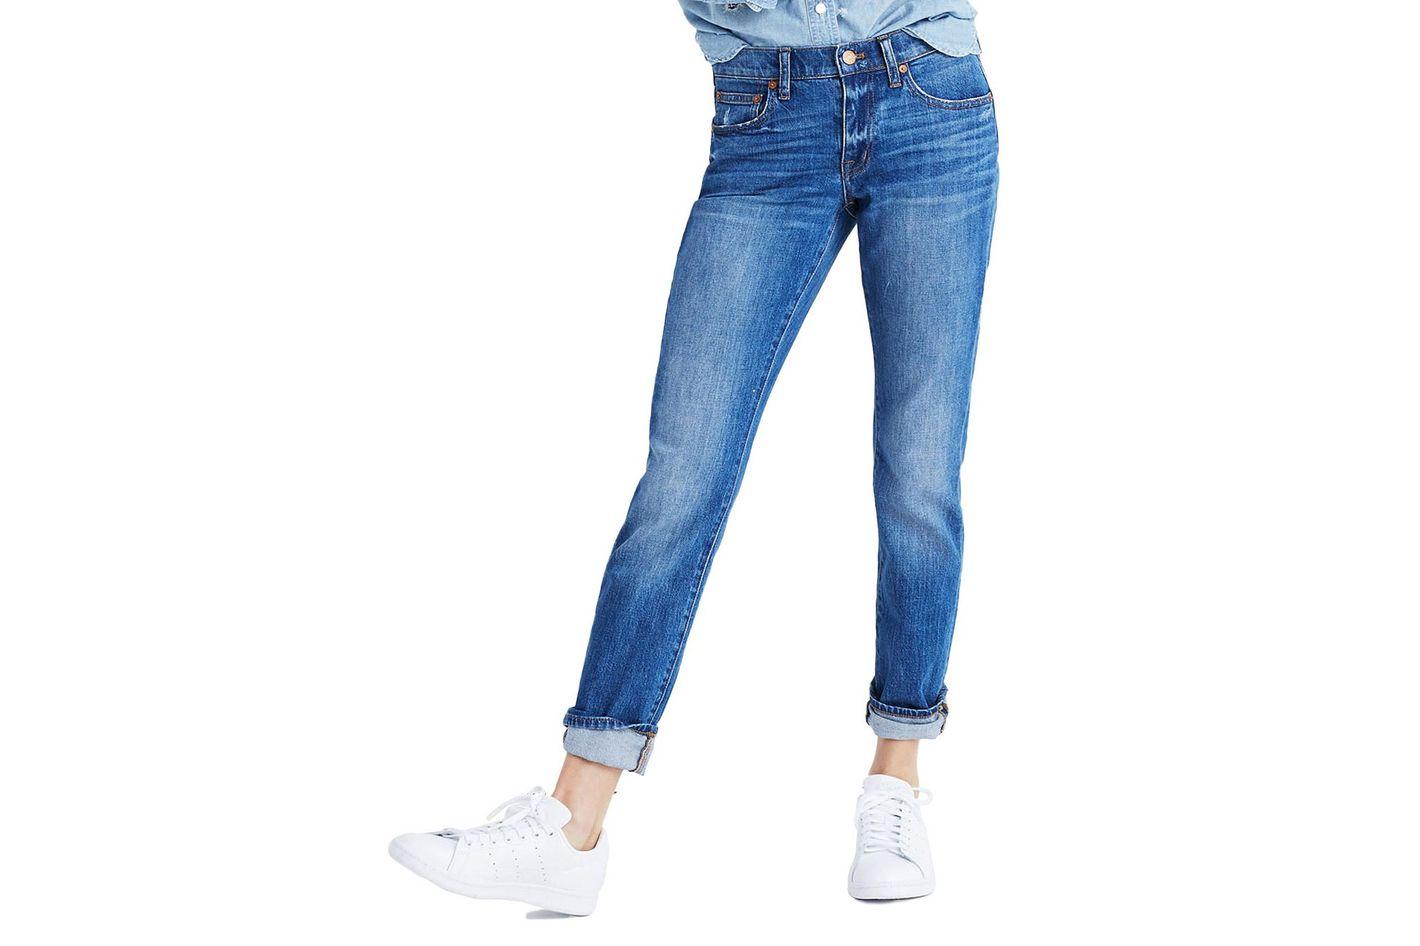 Madewell Boyjean Boyfriend Jeans